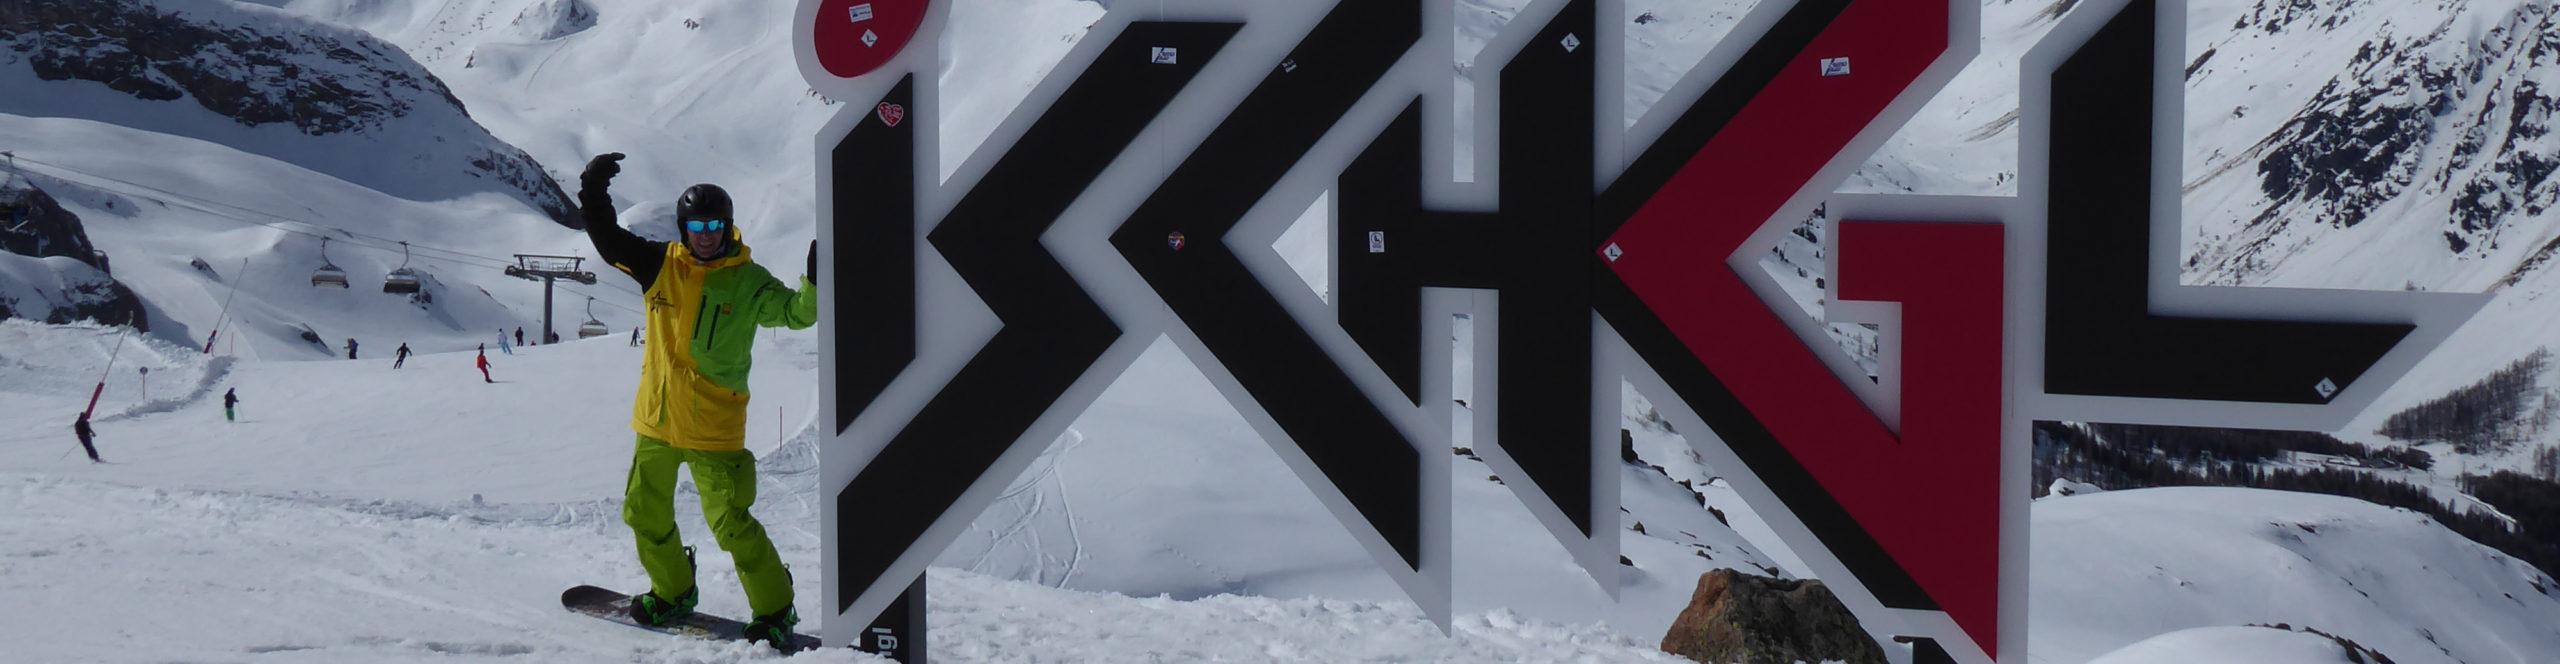 ISCHGL Opening – Skiwochenende zum Sparpreis- 3 Sterne Hotel – ab Freitag Nachmittag